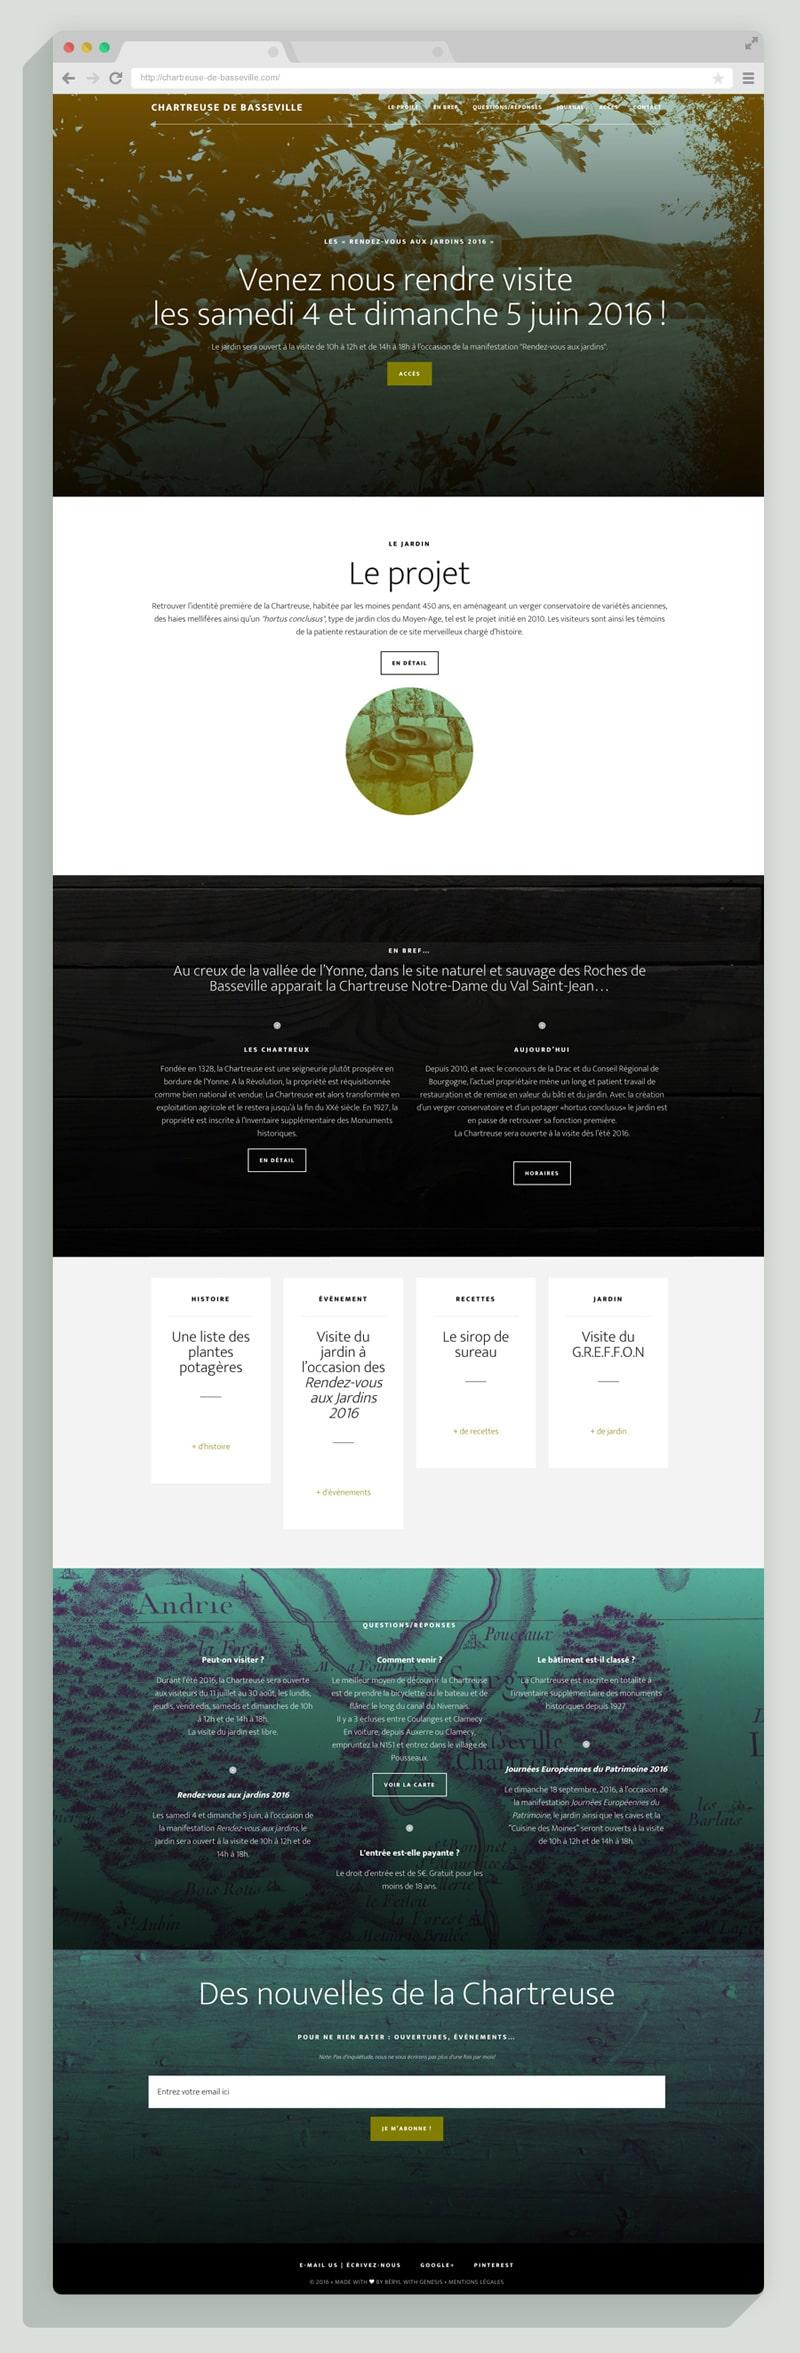 Site responsive Wordpress de la Chartreuse de Basseville par Béryl de La Grandière, design graphique.